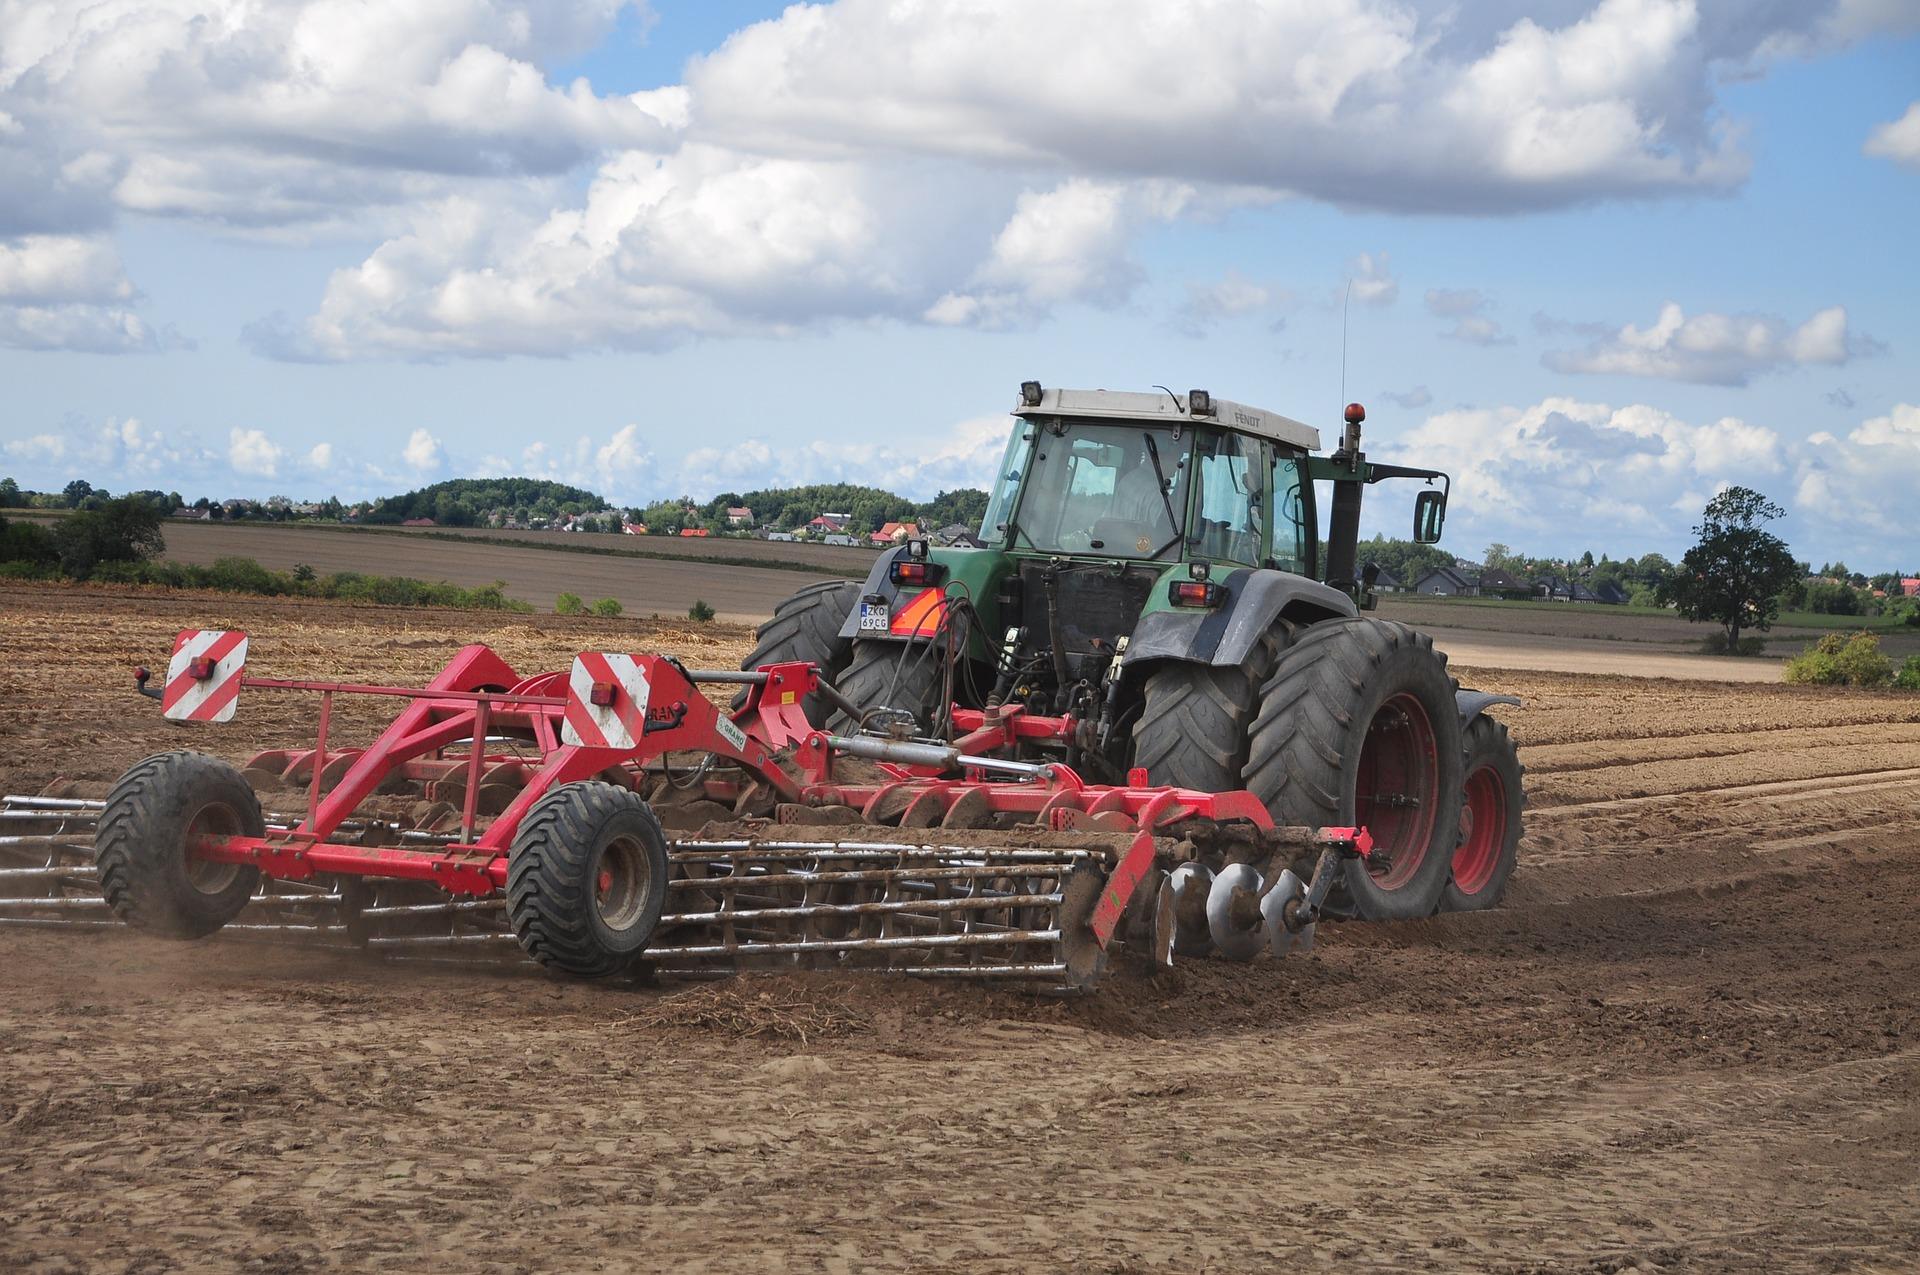 Odszkodowanie za wypadek w rolnictwie